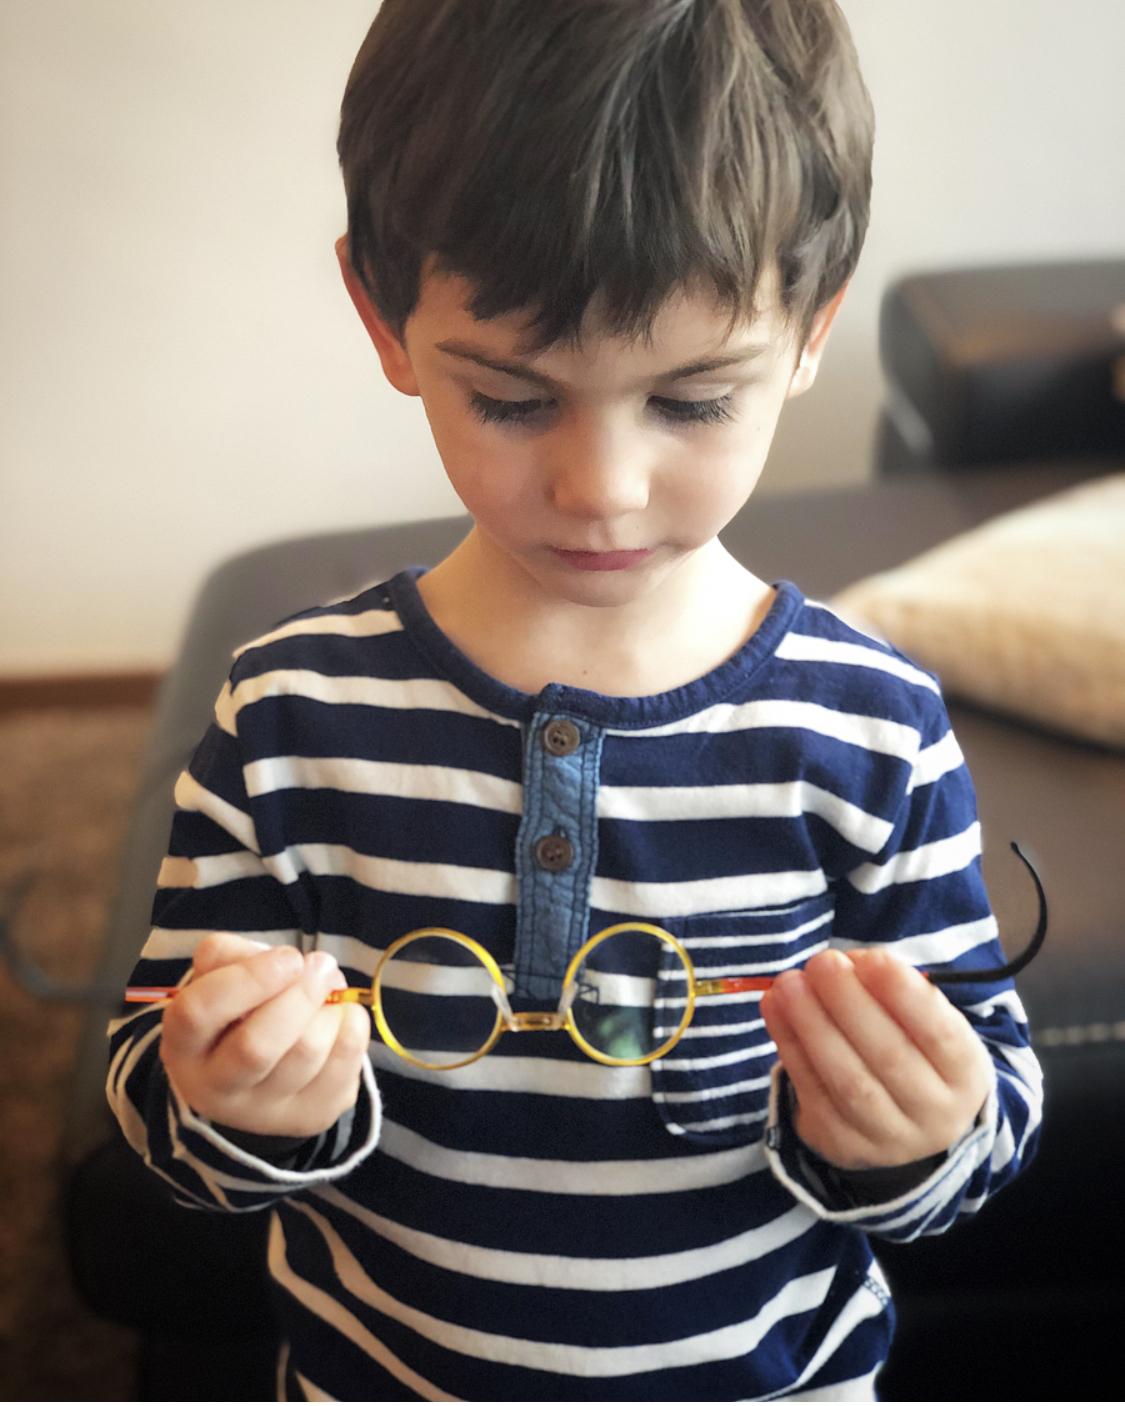 come-scegliere- il- primo- paio- di -occhiali- per- bambini